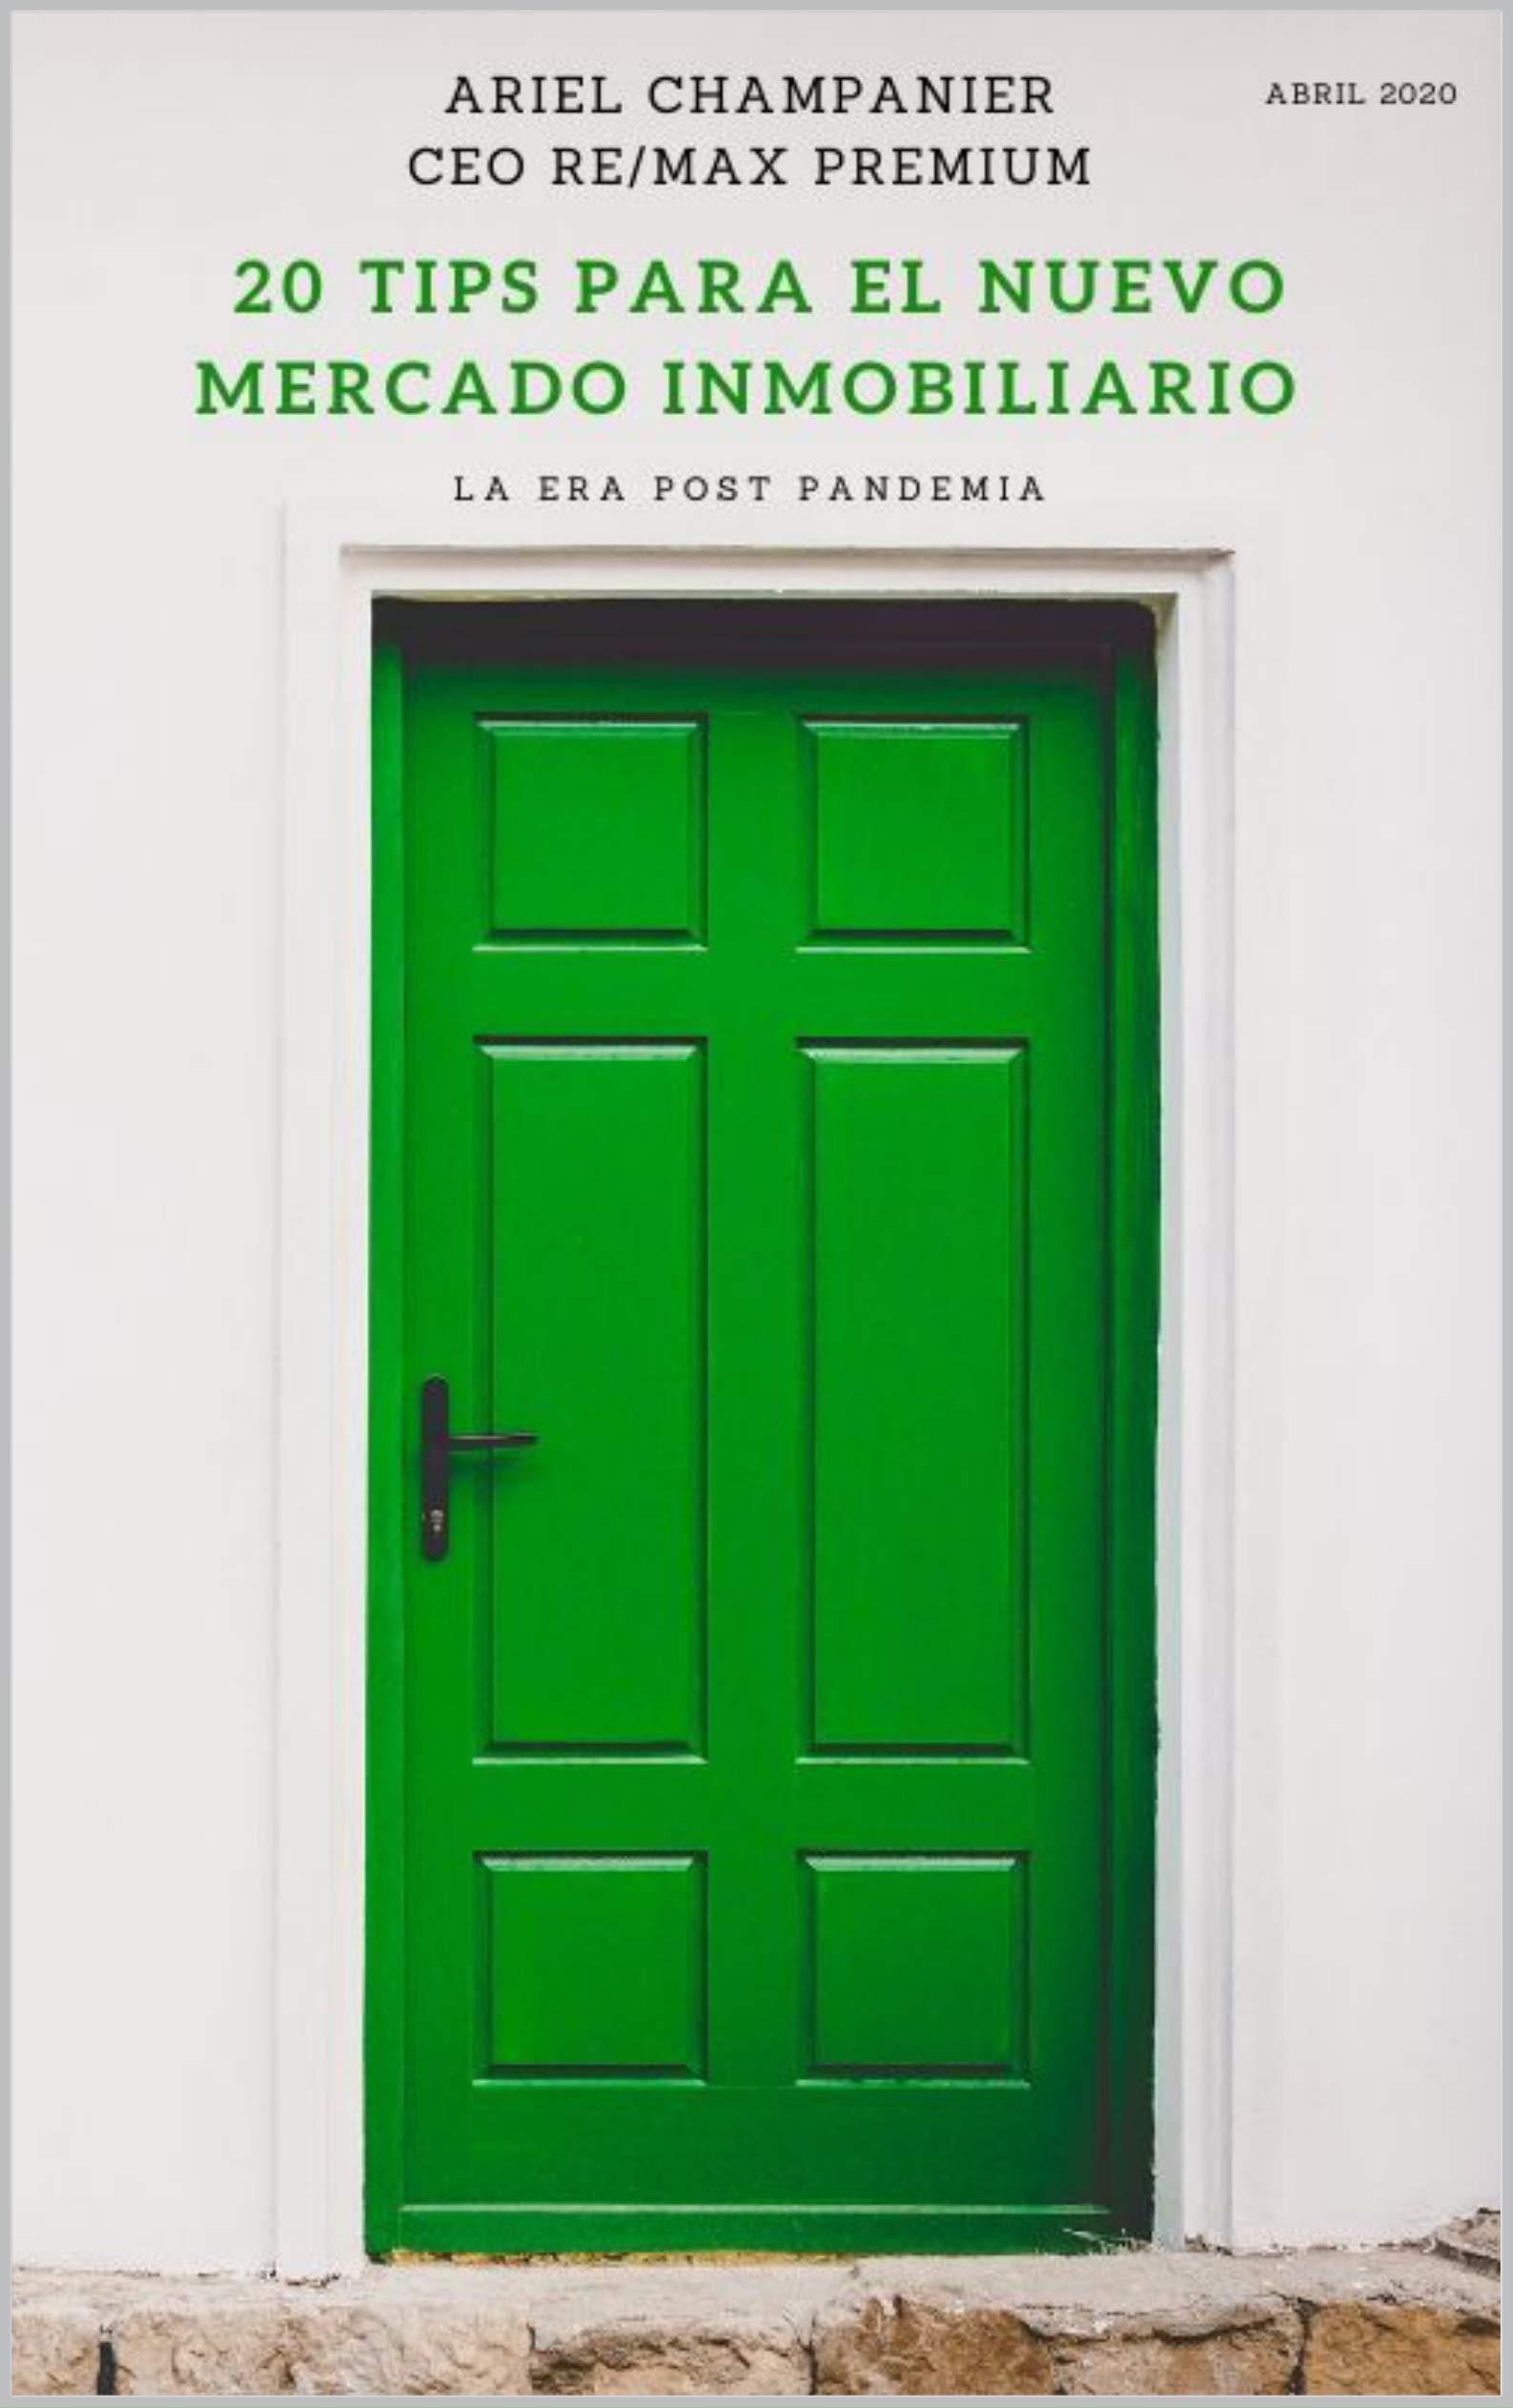 20 TIPS PARA EL NUEVO MERCADO INMOBILIARIO: LA ERA POST PANDEMIA (Spanish Edition)